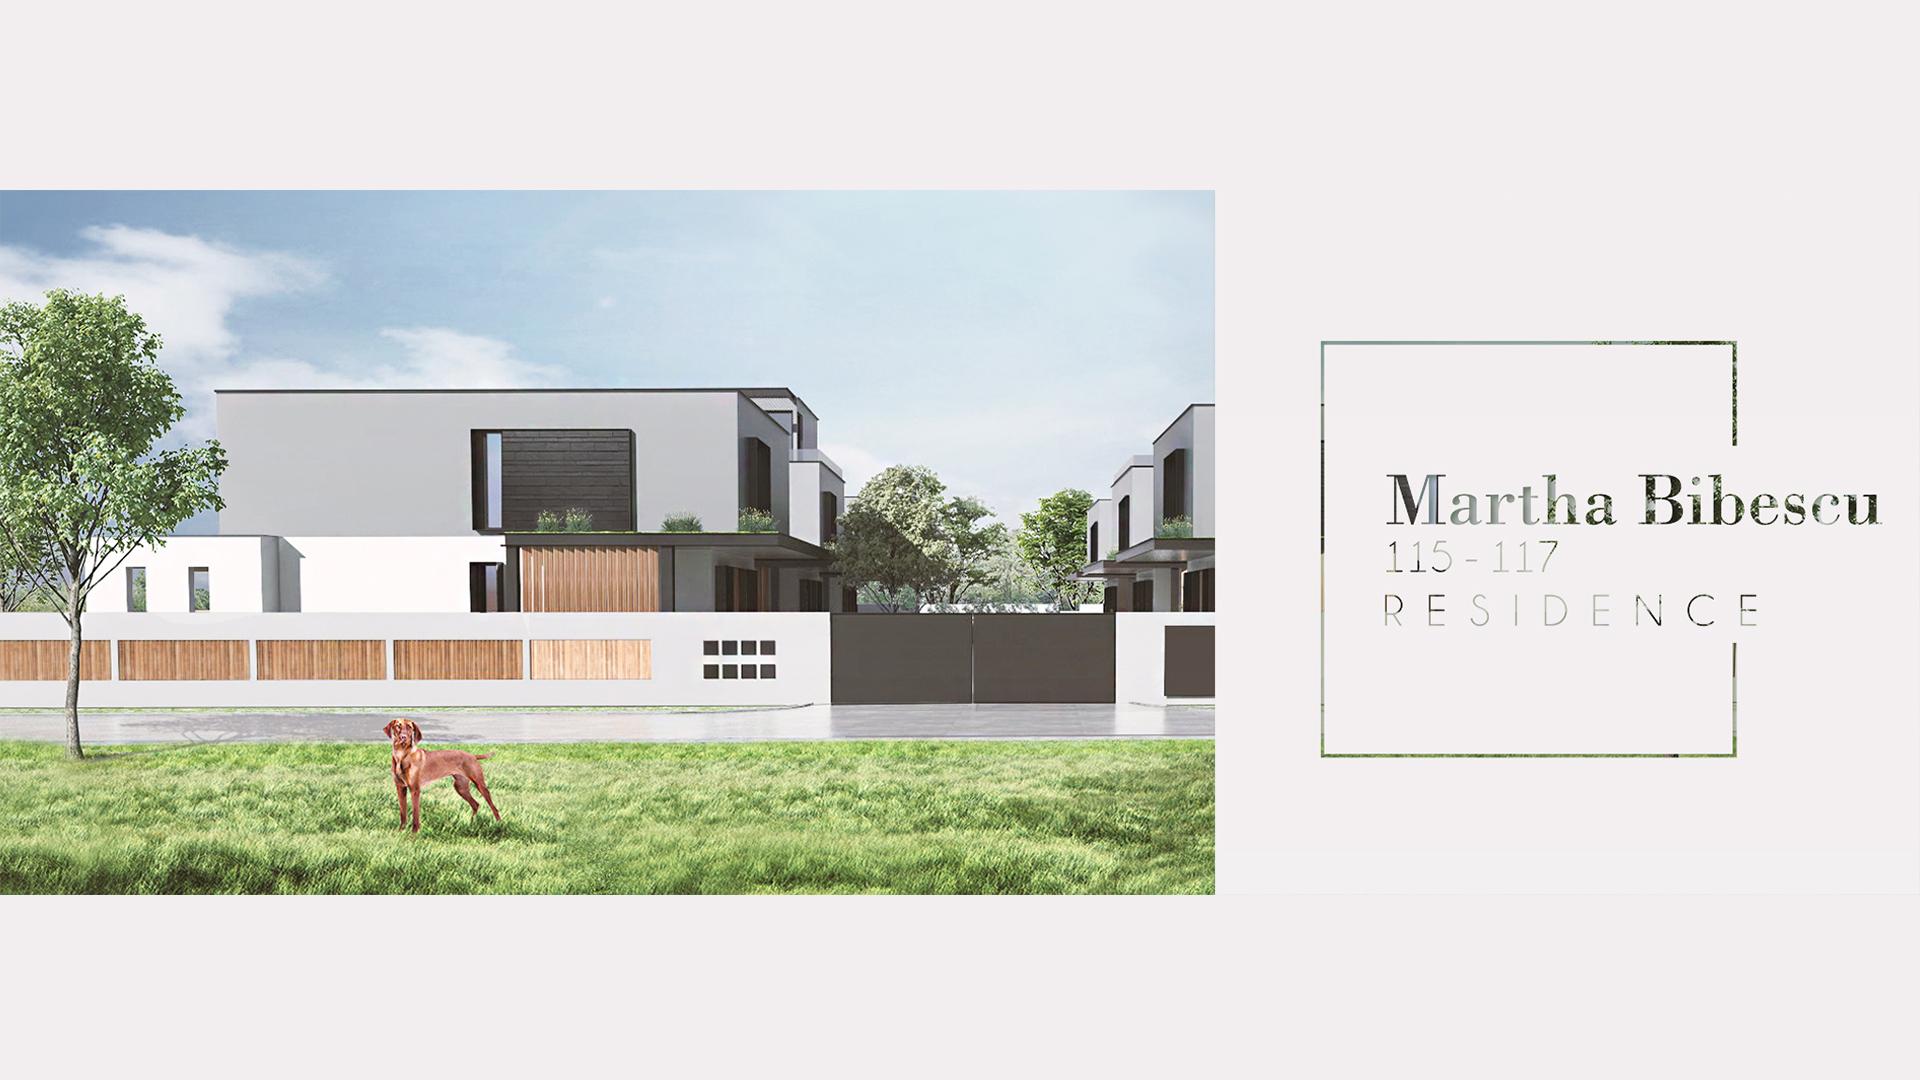 Bre_Martha_Bibescu_Residence (9).jpg